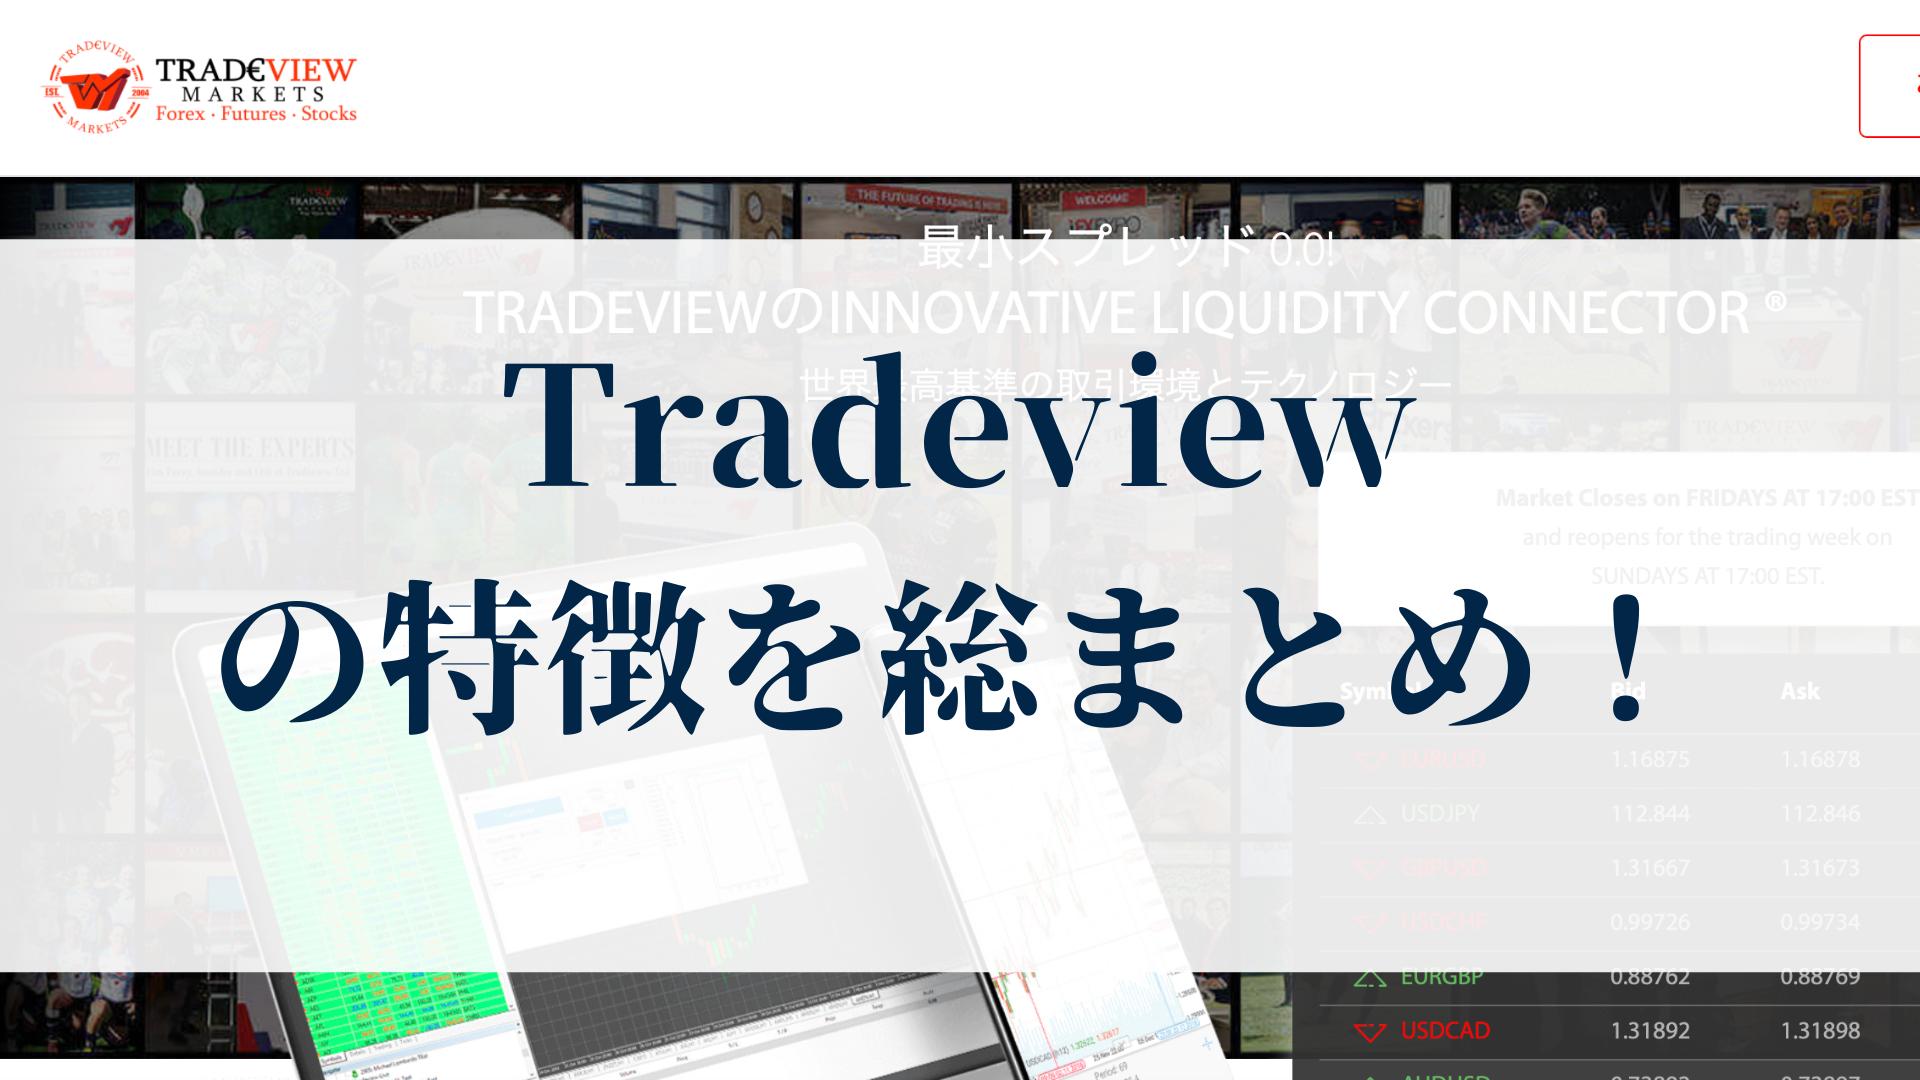 Tradeviewの評判・メリット・デメリットなどの特徴を総まとめ!非常に狭いスプレッド、低い手数料、高水準の約定力、多彩な取引ツールが用意された高水準の海外FX会社